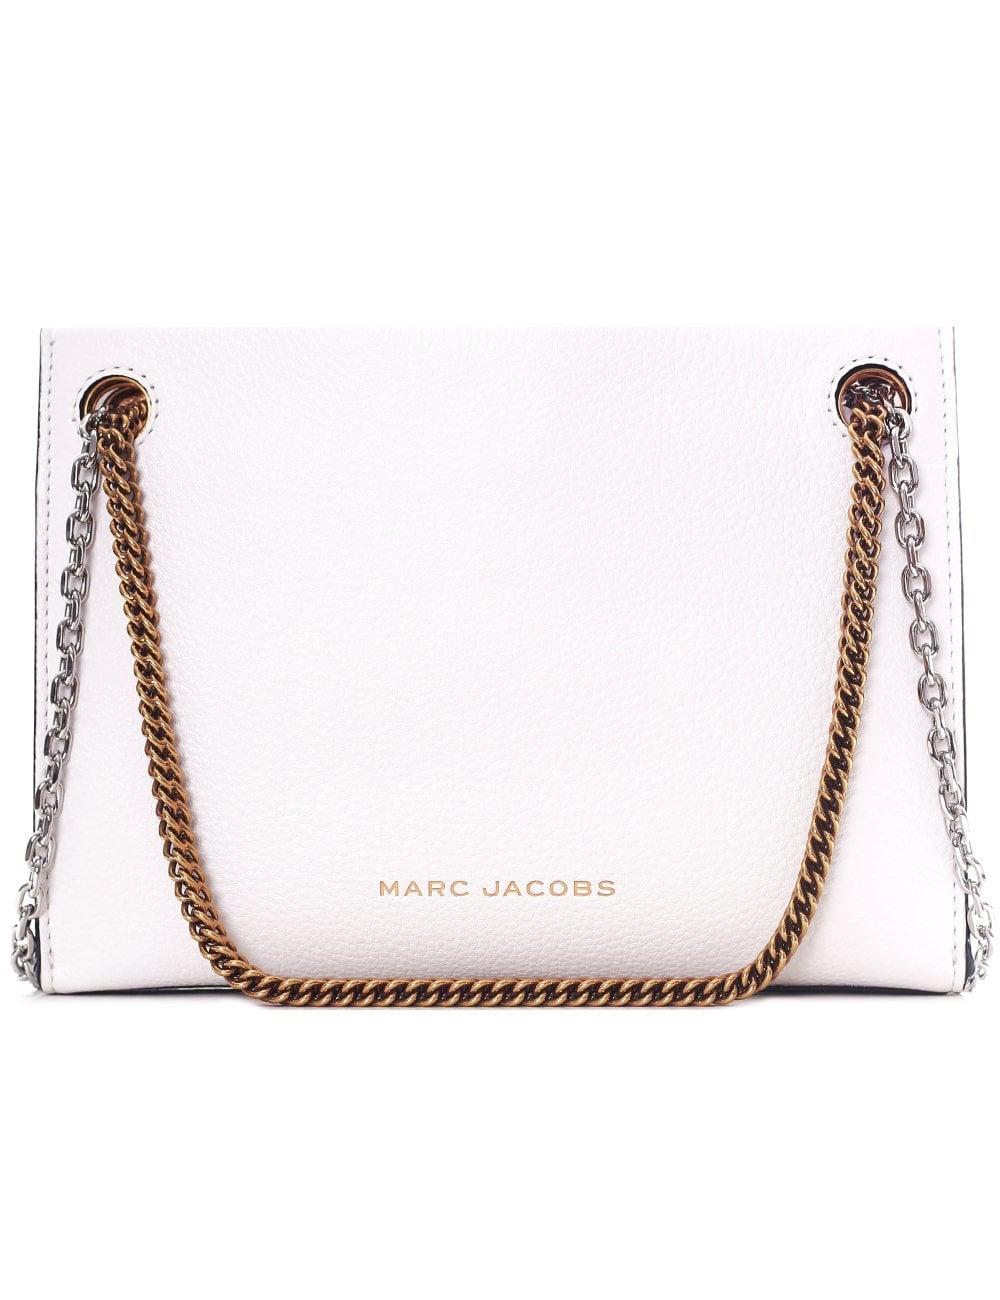 043d0fdbb72 Marc Jacobs Women's Double Link 27 Shoulder Bag